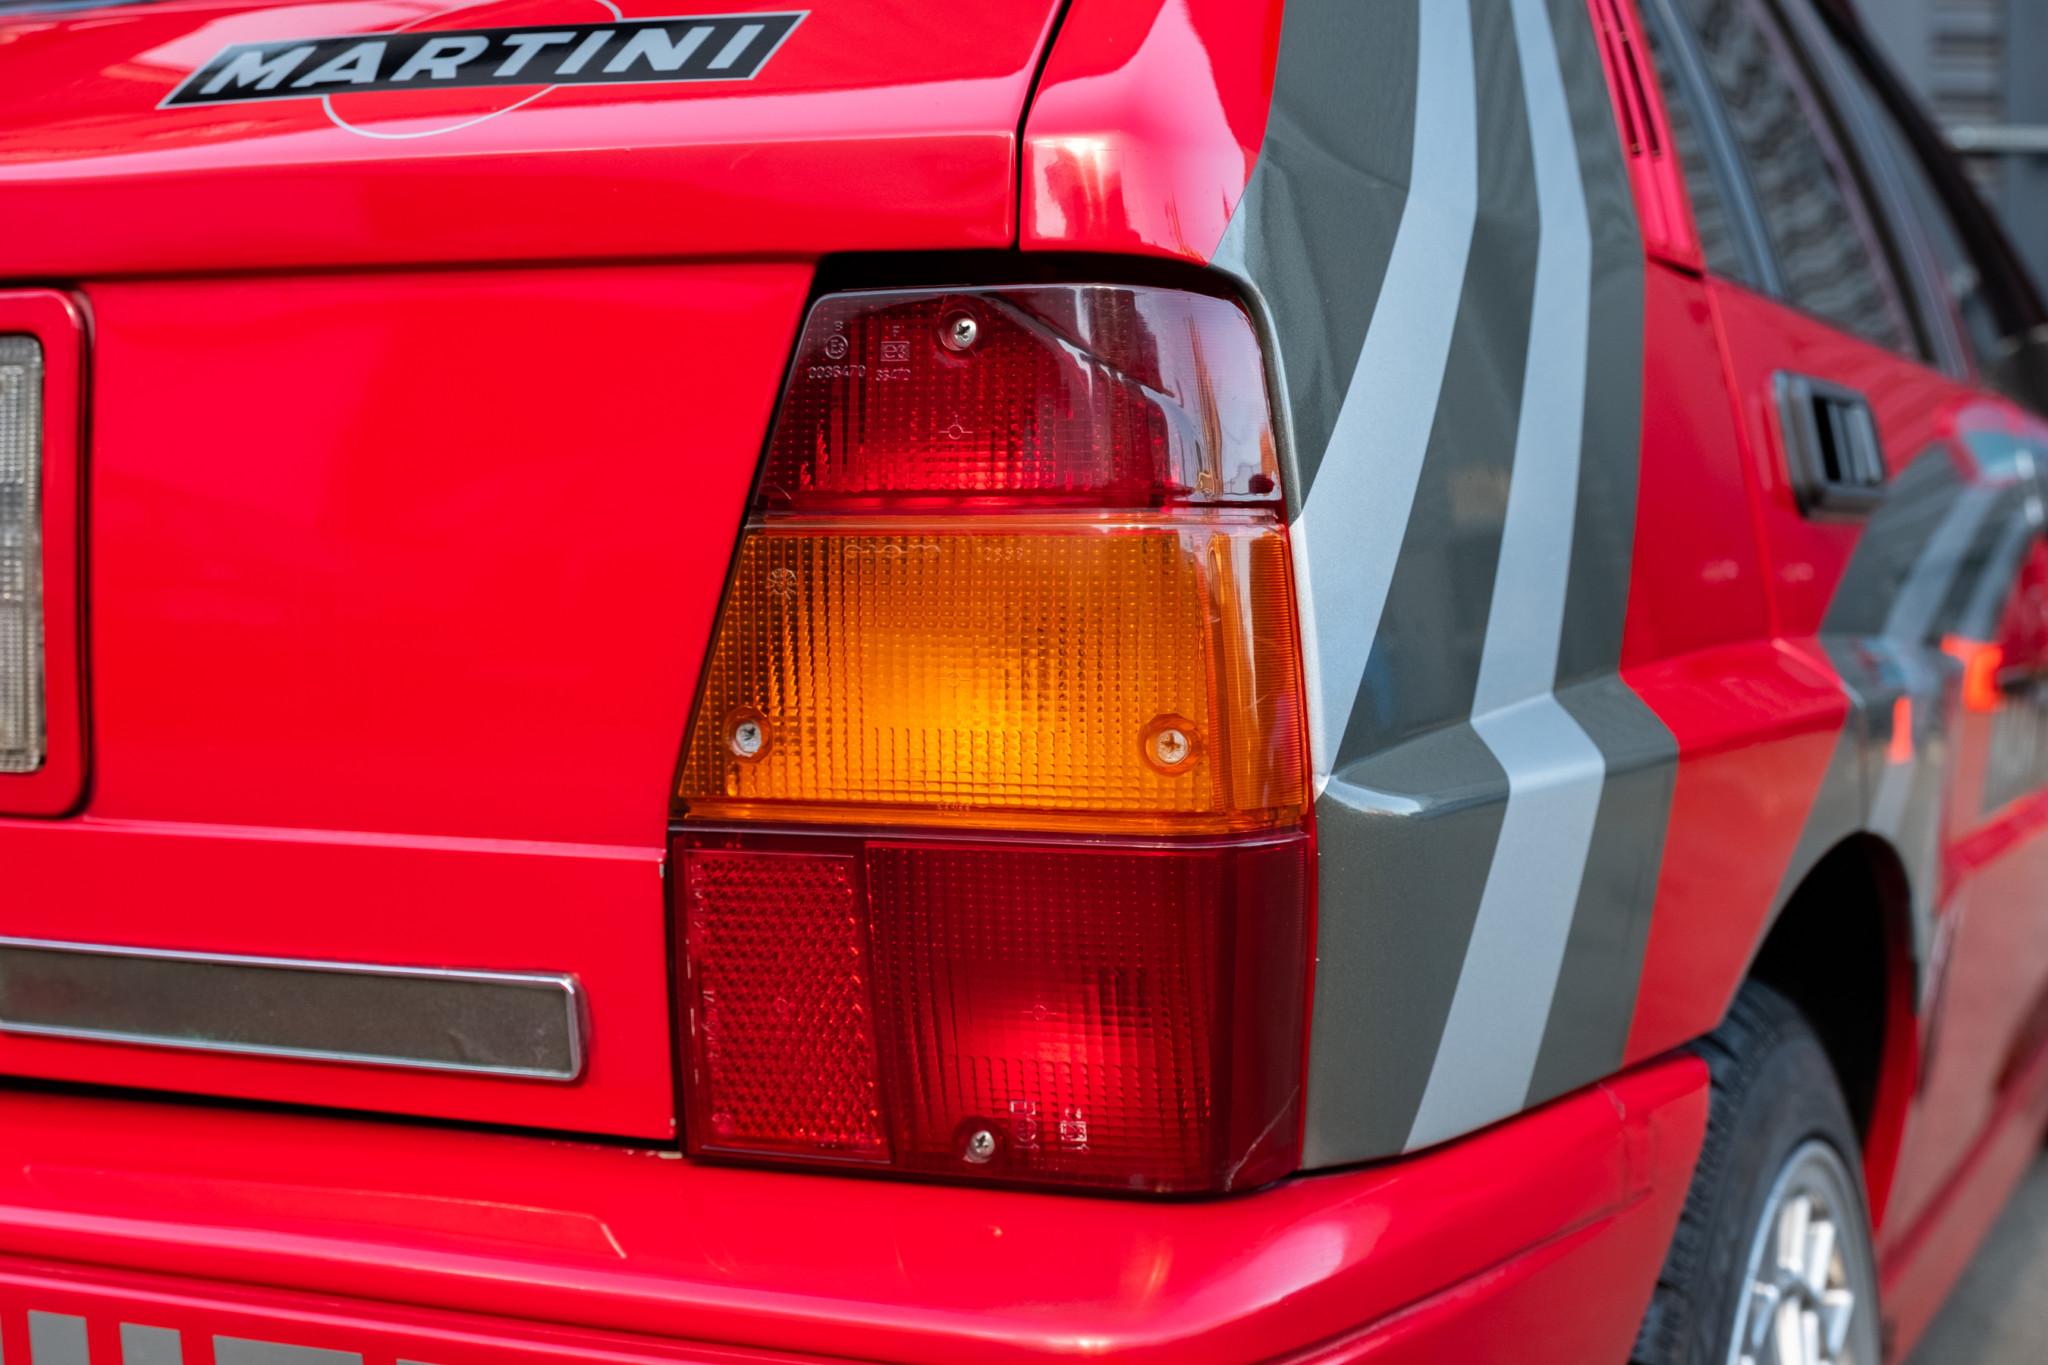 Lancia-Delta-Integrale-1989-for-sale-60